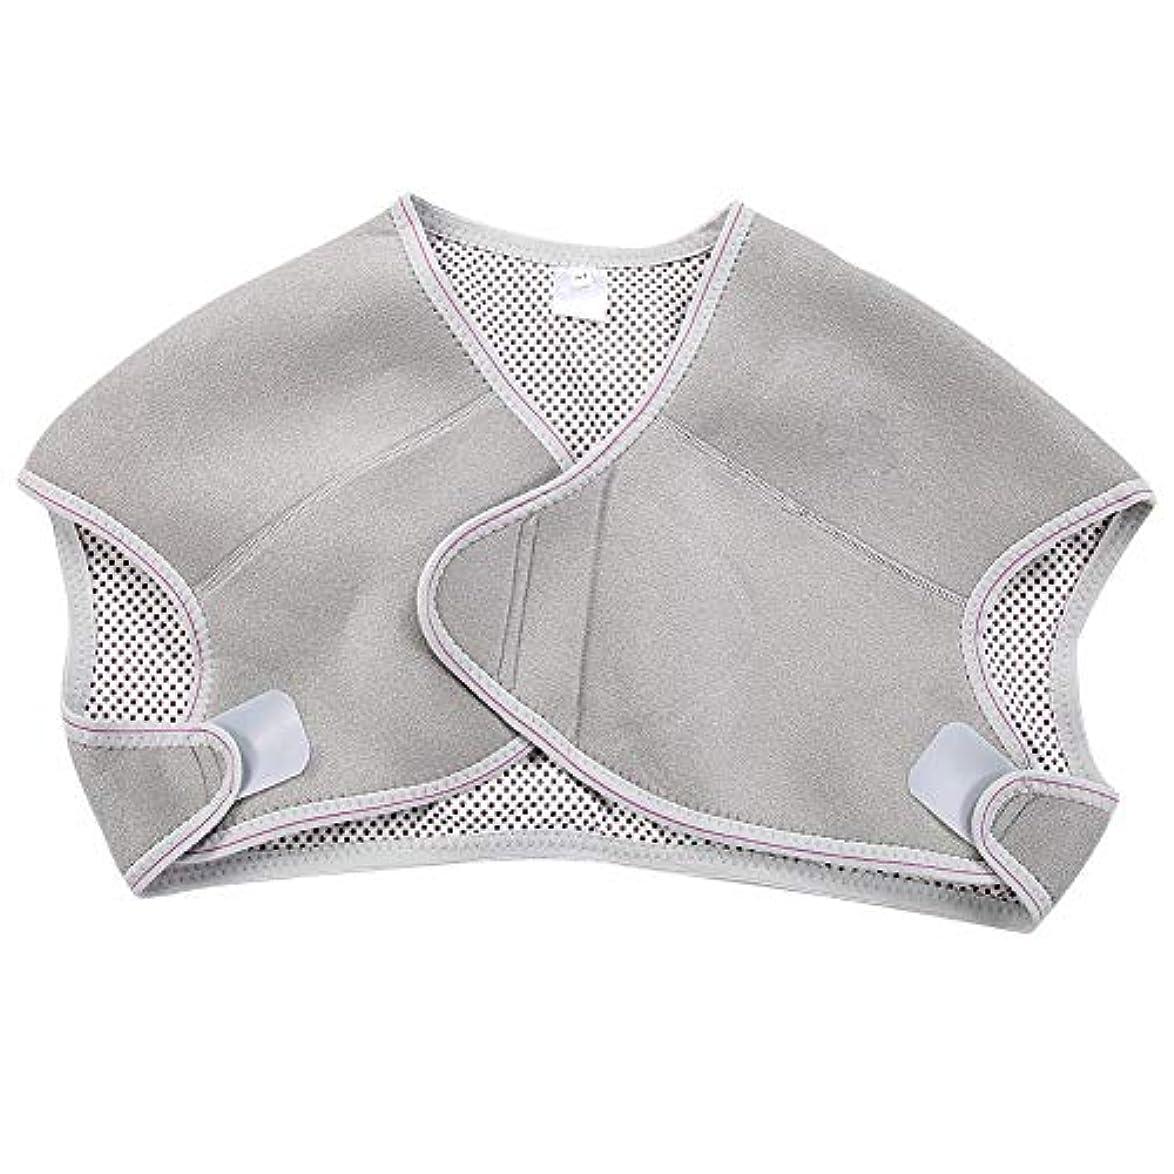 借りるたくさんの最近TOPINCN 肩パッド 発熱療法磁気ショルダーパッド 肩 温め ホット 血行促進 ホット 痛み解消 着脱 簡単 男女兼用 調節可能 自己発熱(M)